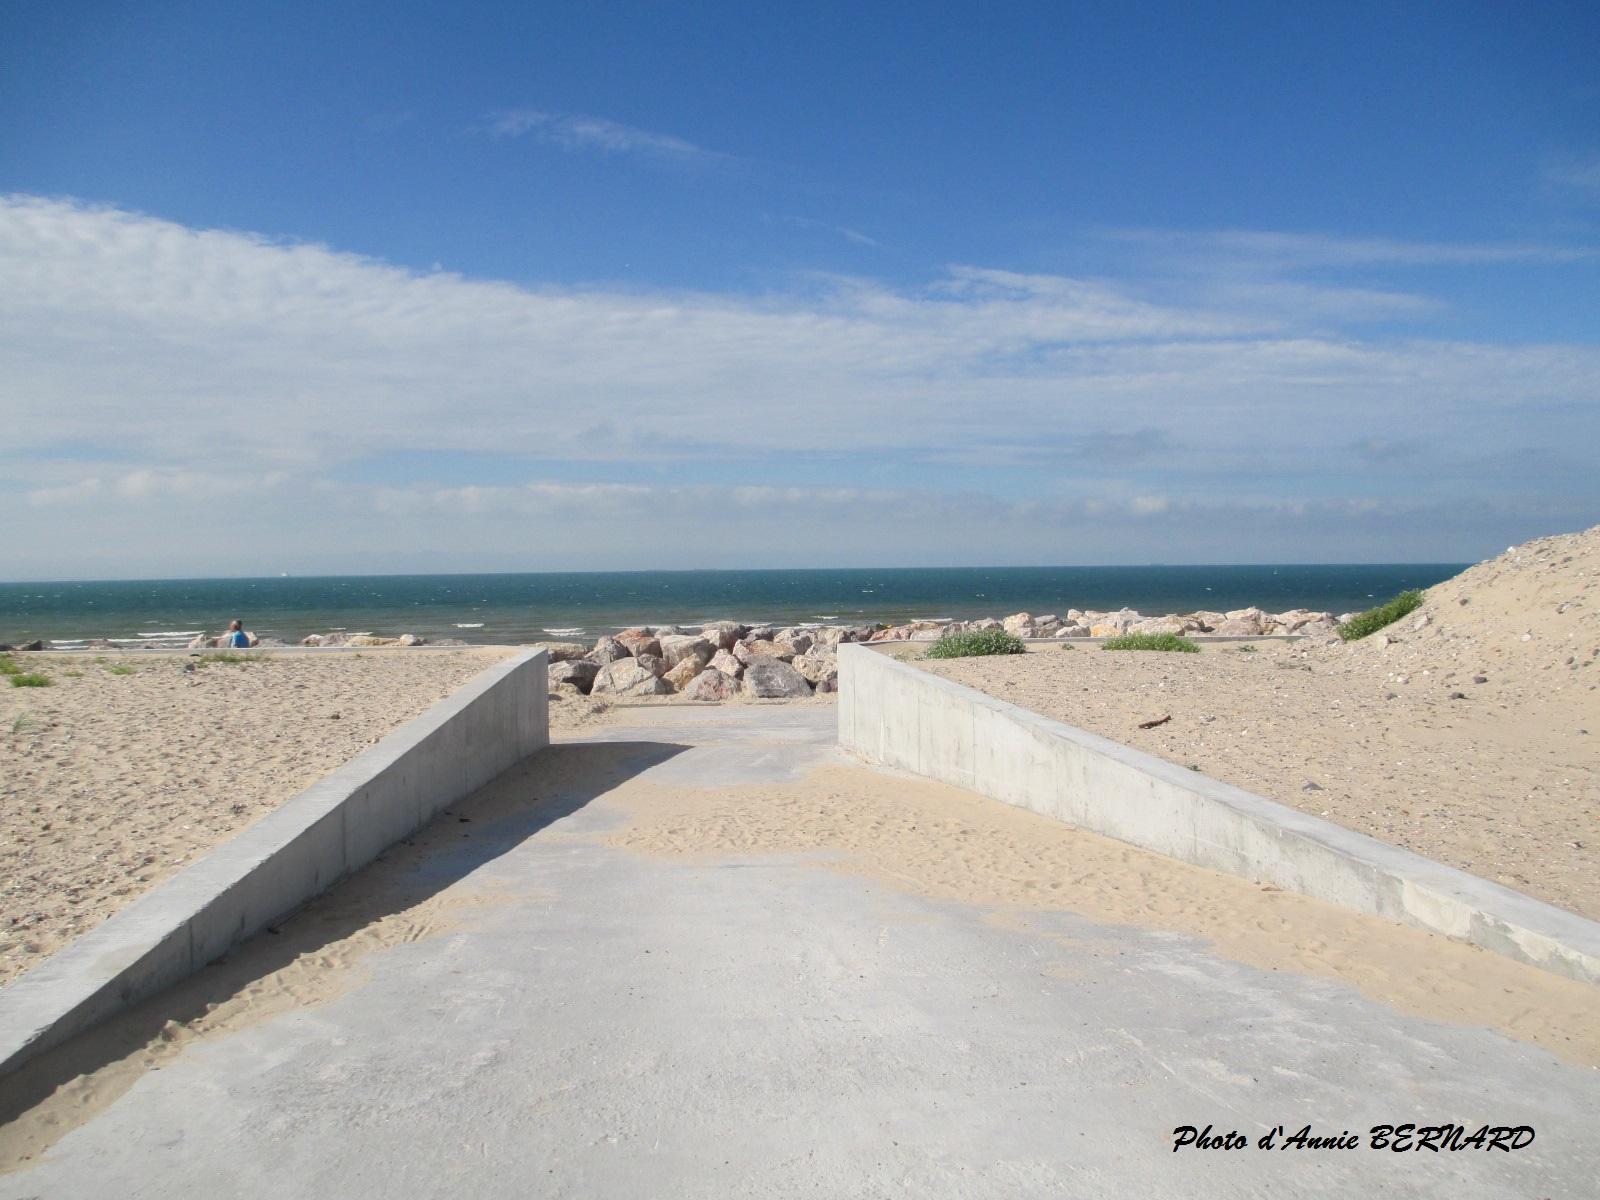 Un accès pour aller sur la plage de Sangatte